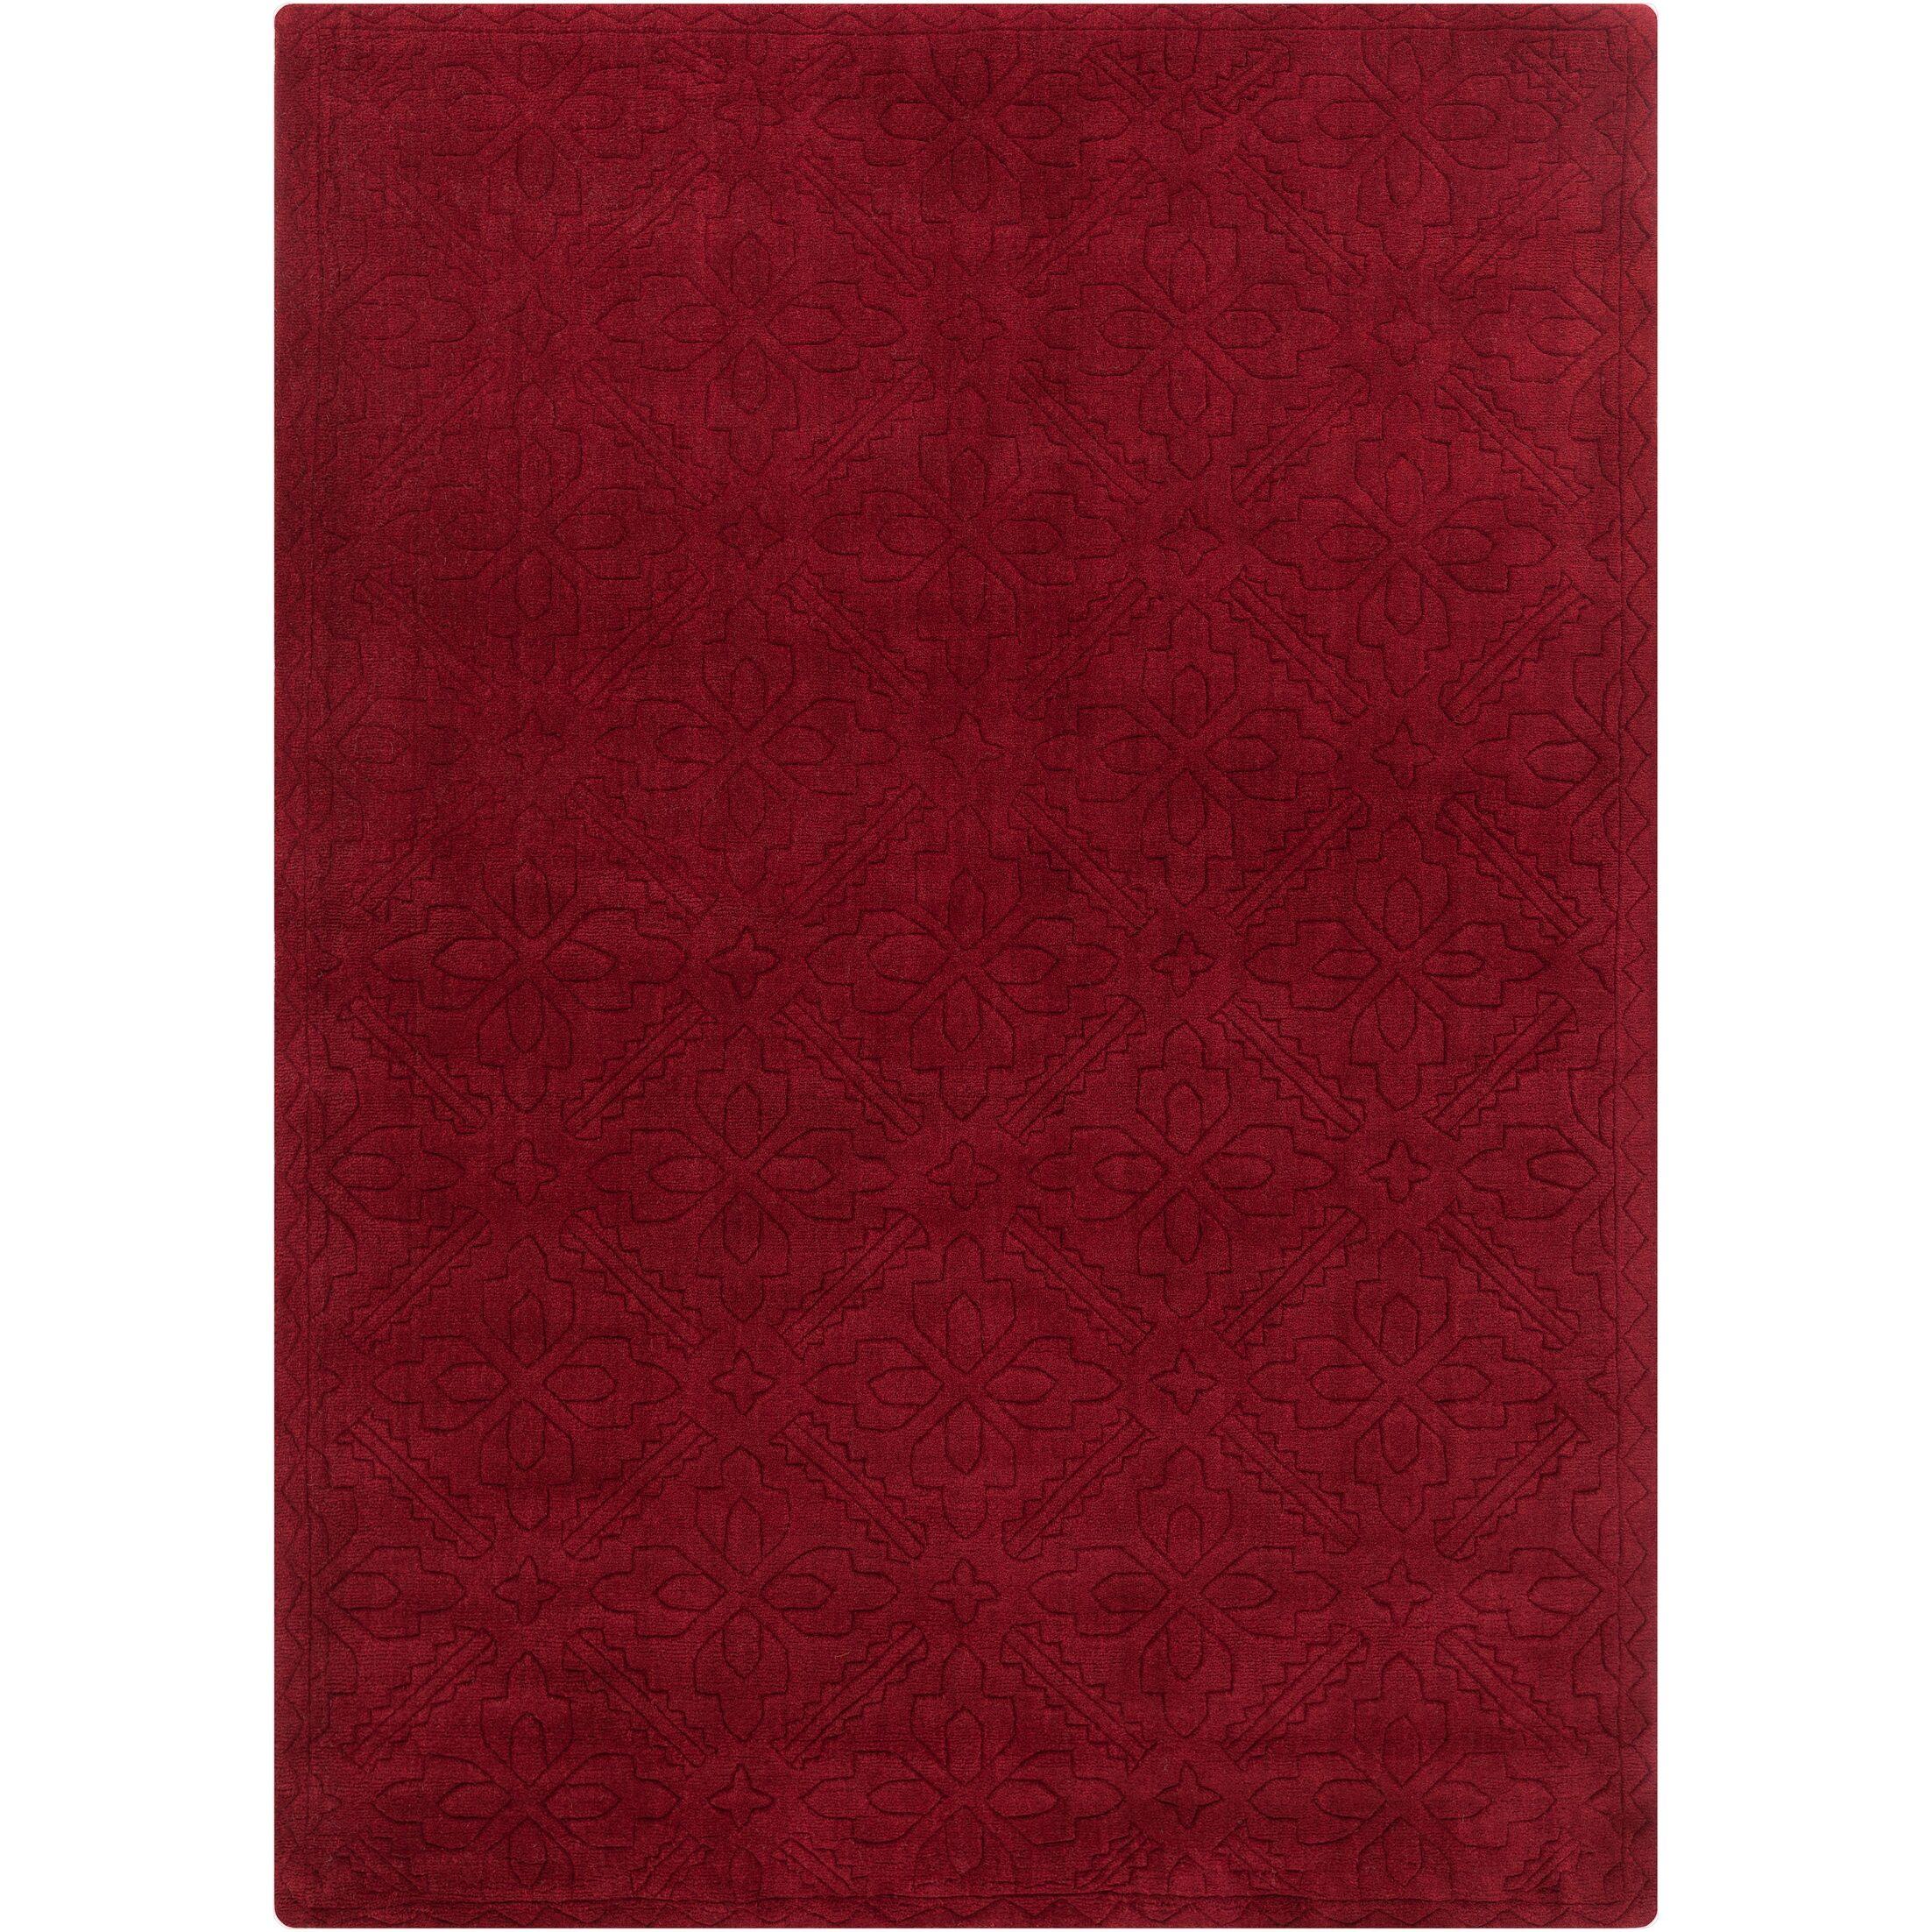 Jamison Burgundy Area Rug Rug Size: 5' x 7'